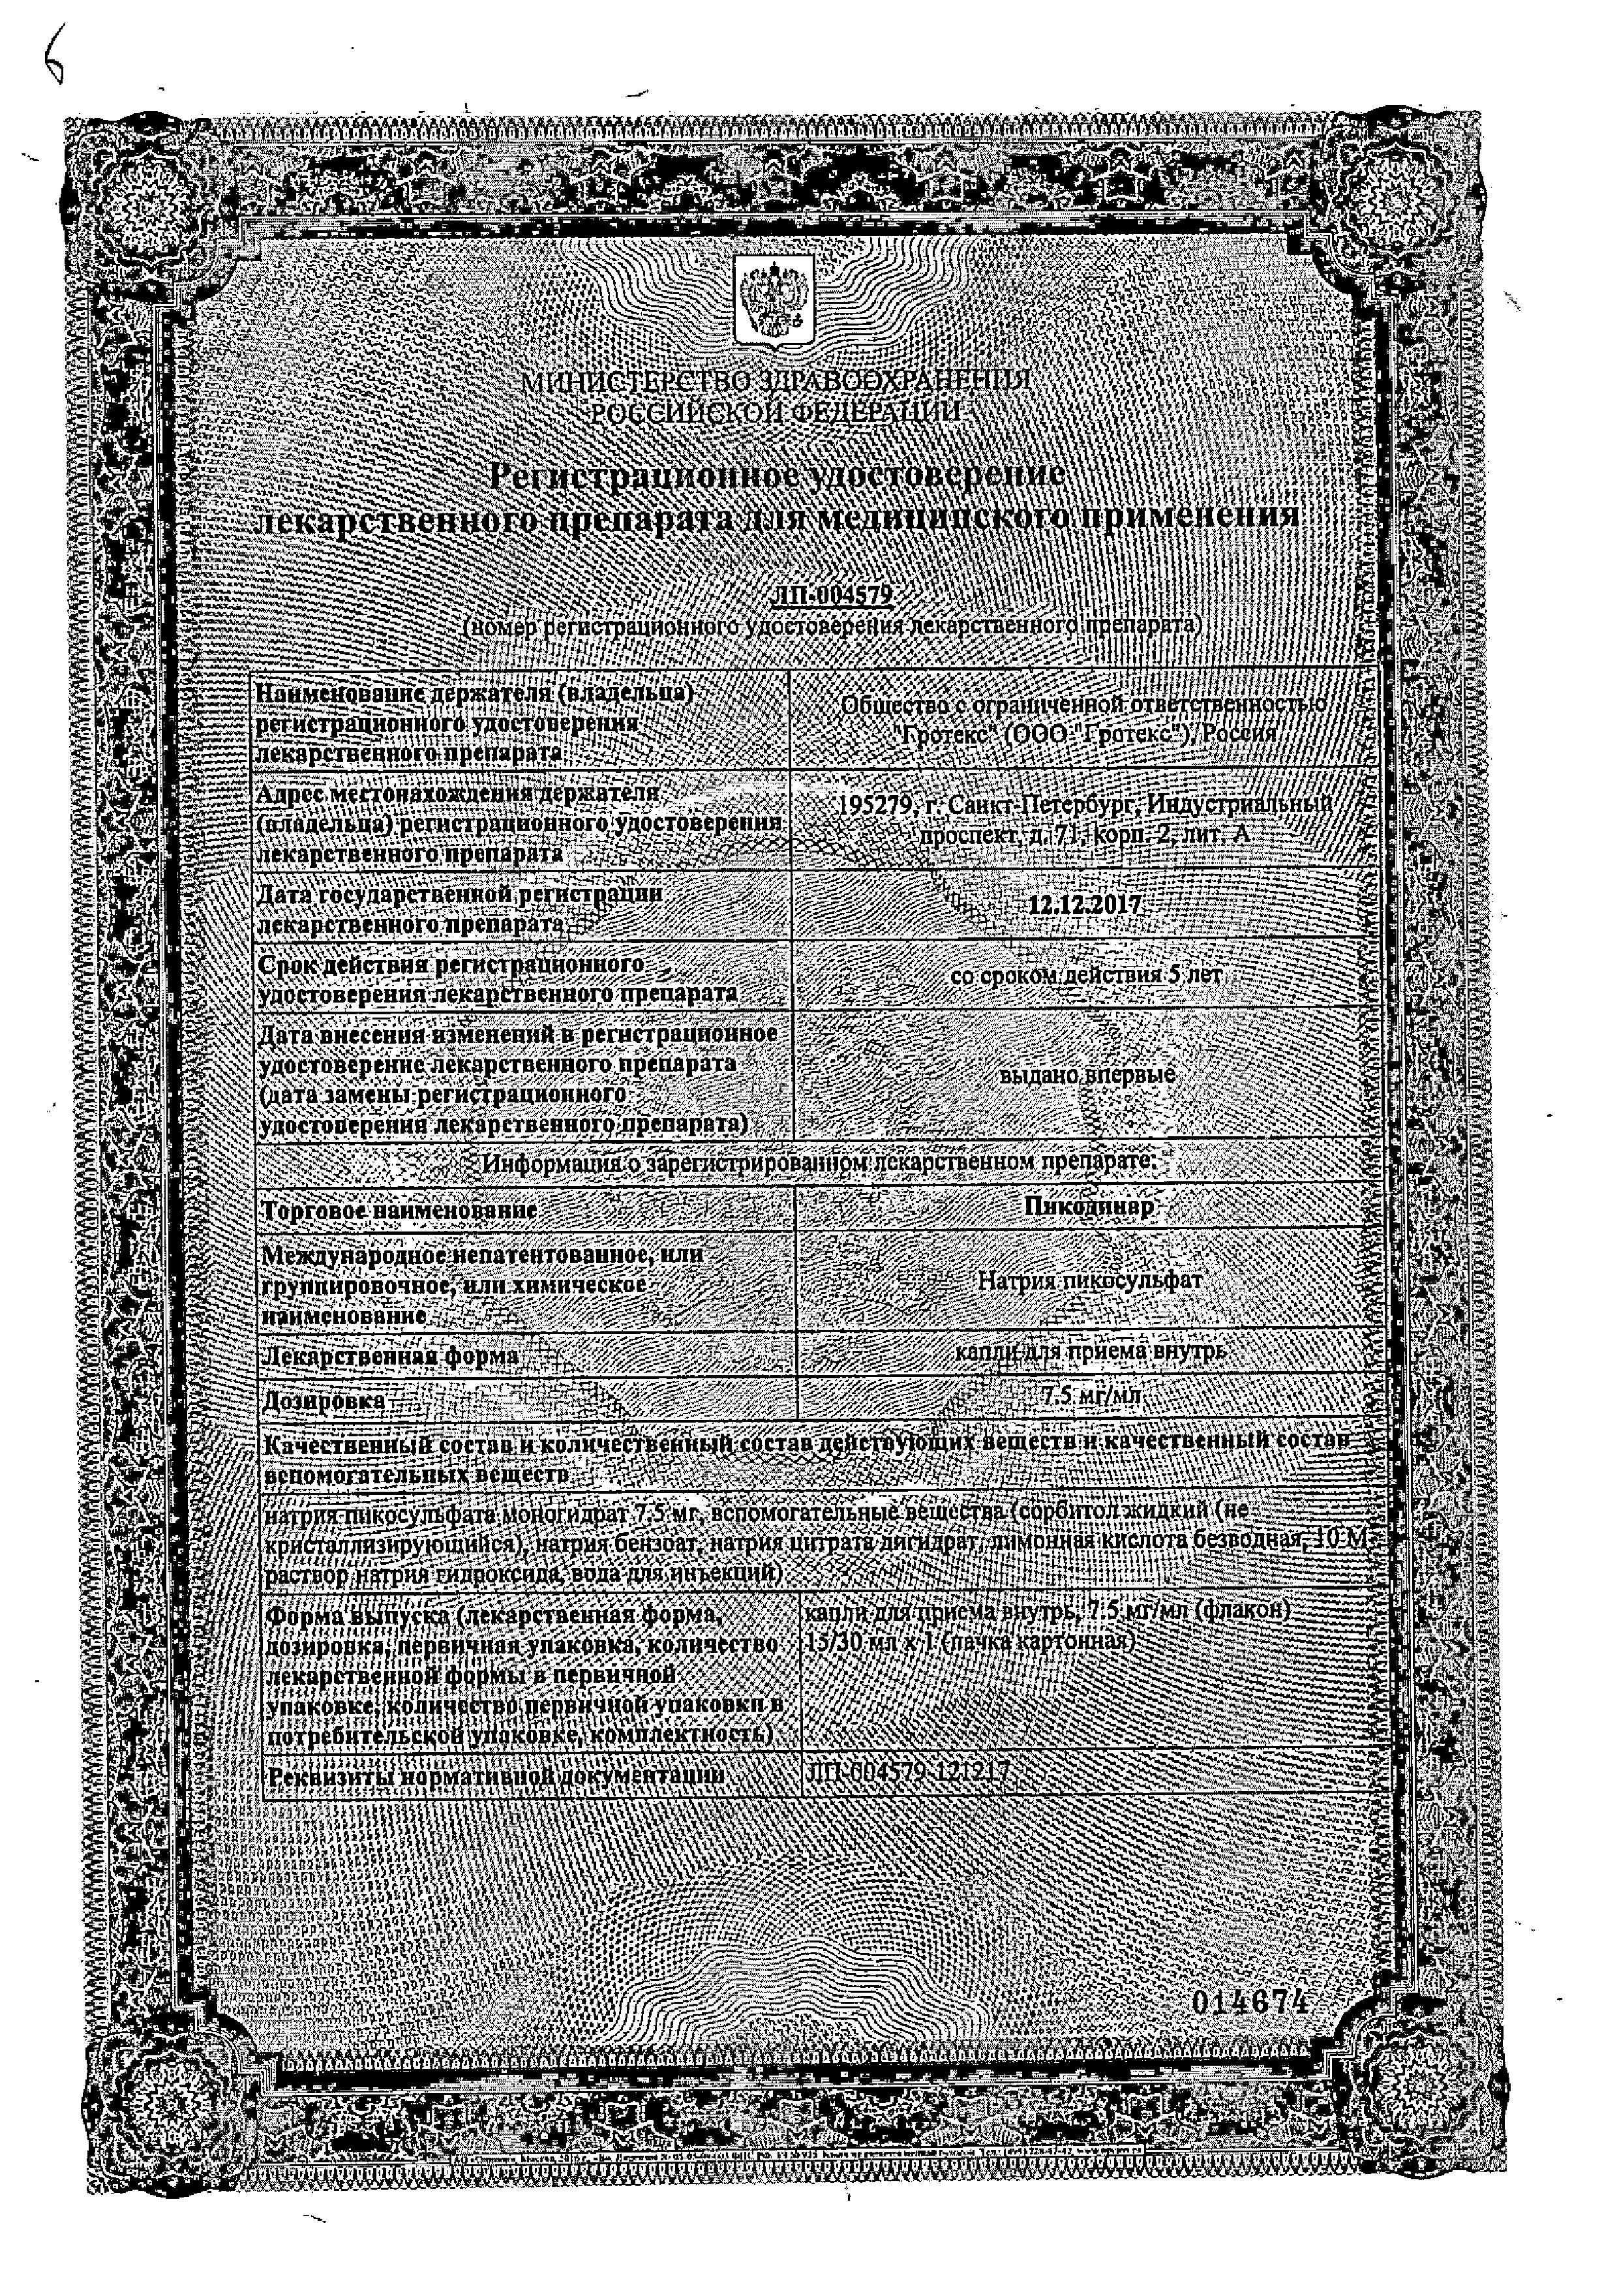 Пикодинар